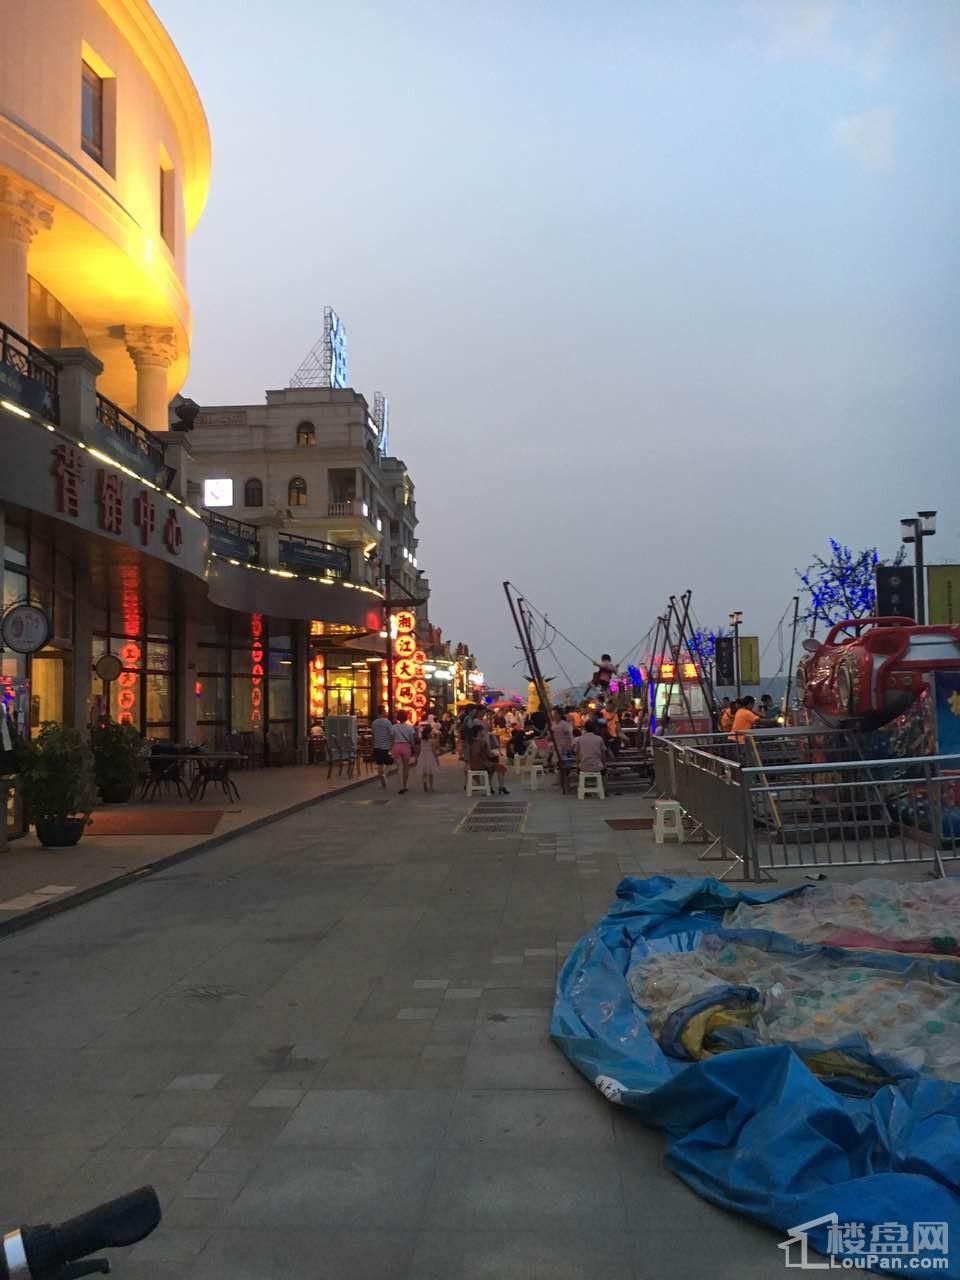 渔人码头实景图